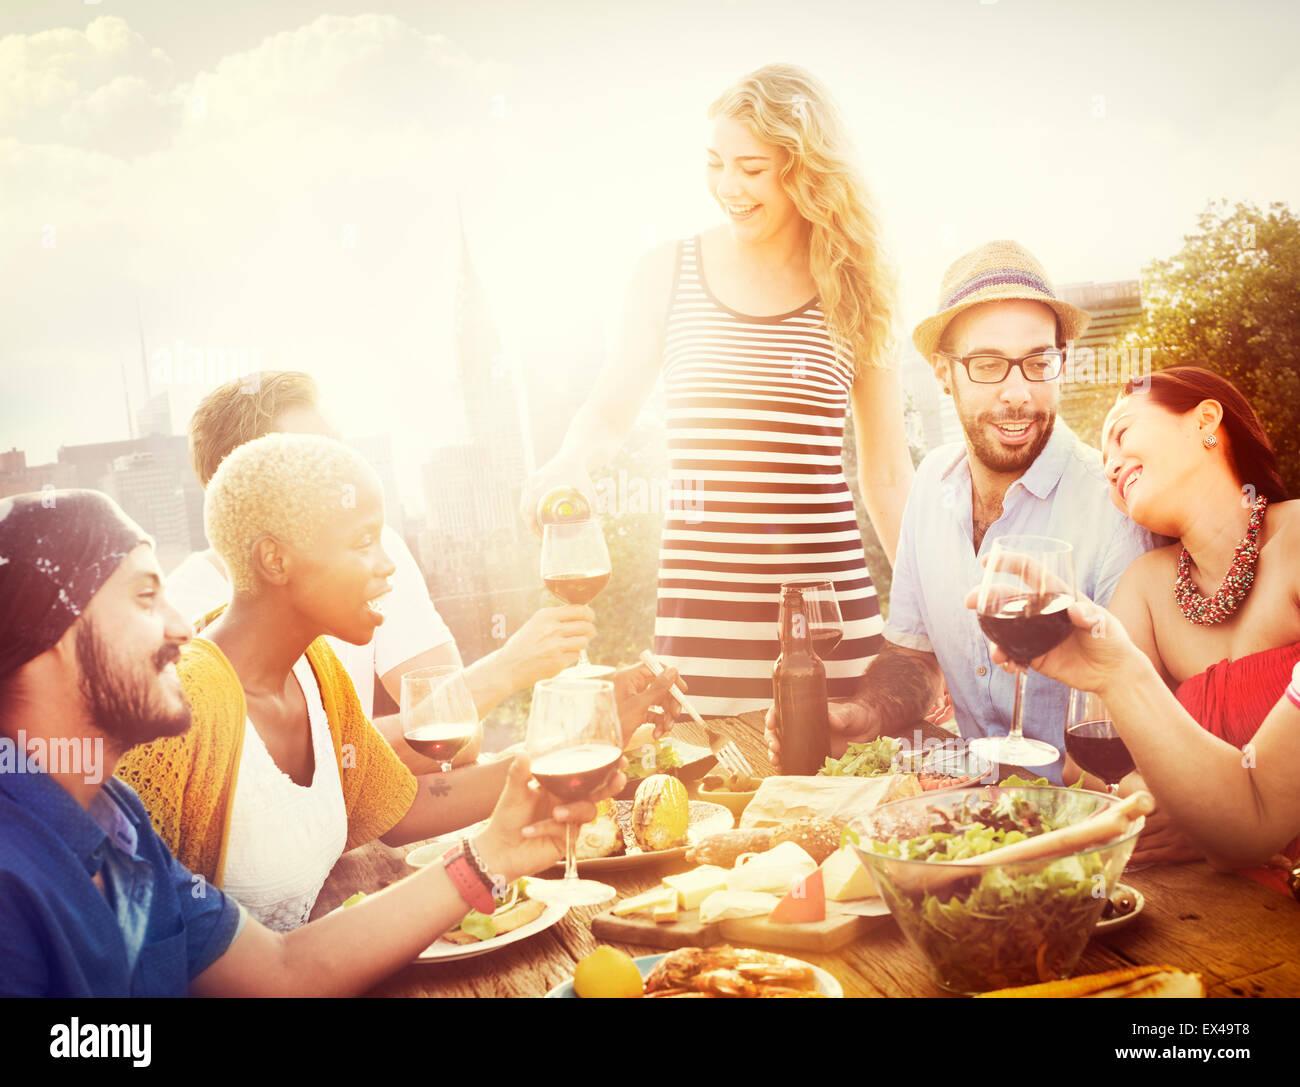 Freund Freundschaft Essen Feier hängen Konzept Stockbild